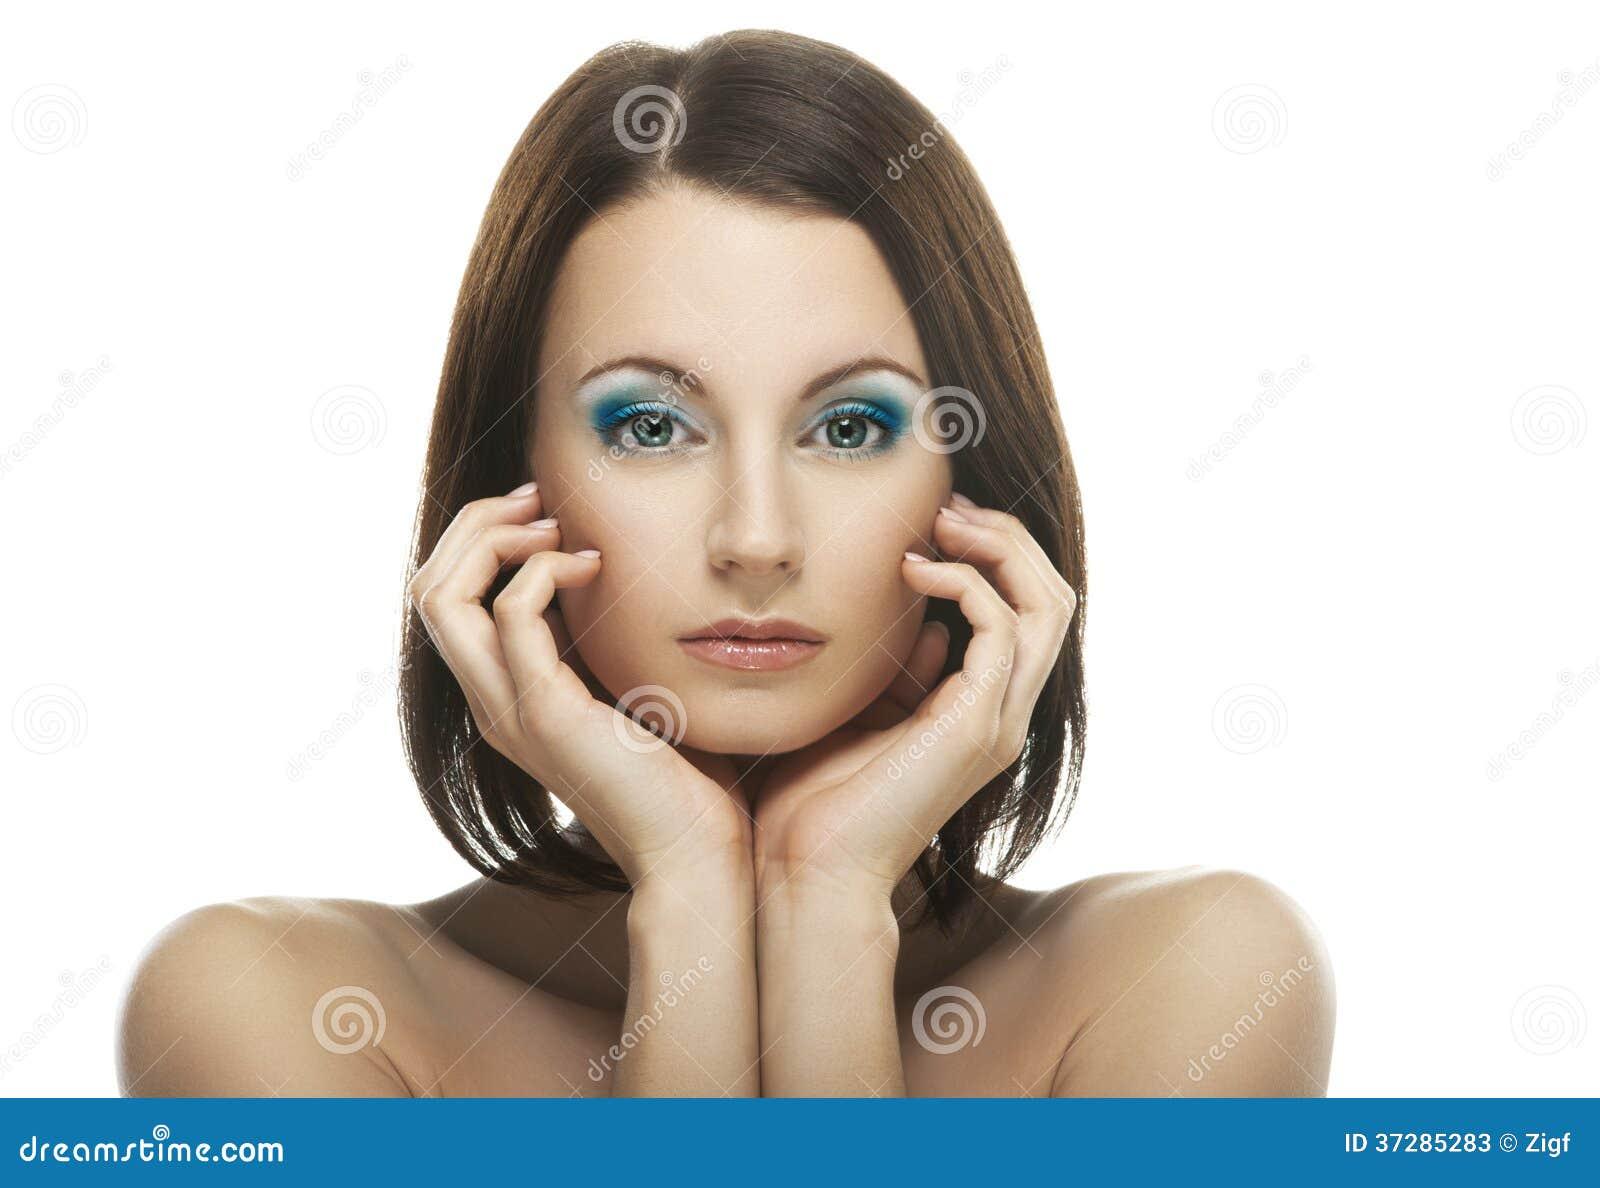 Porträt der jungen schönen dunkelhaarigen Frau